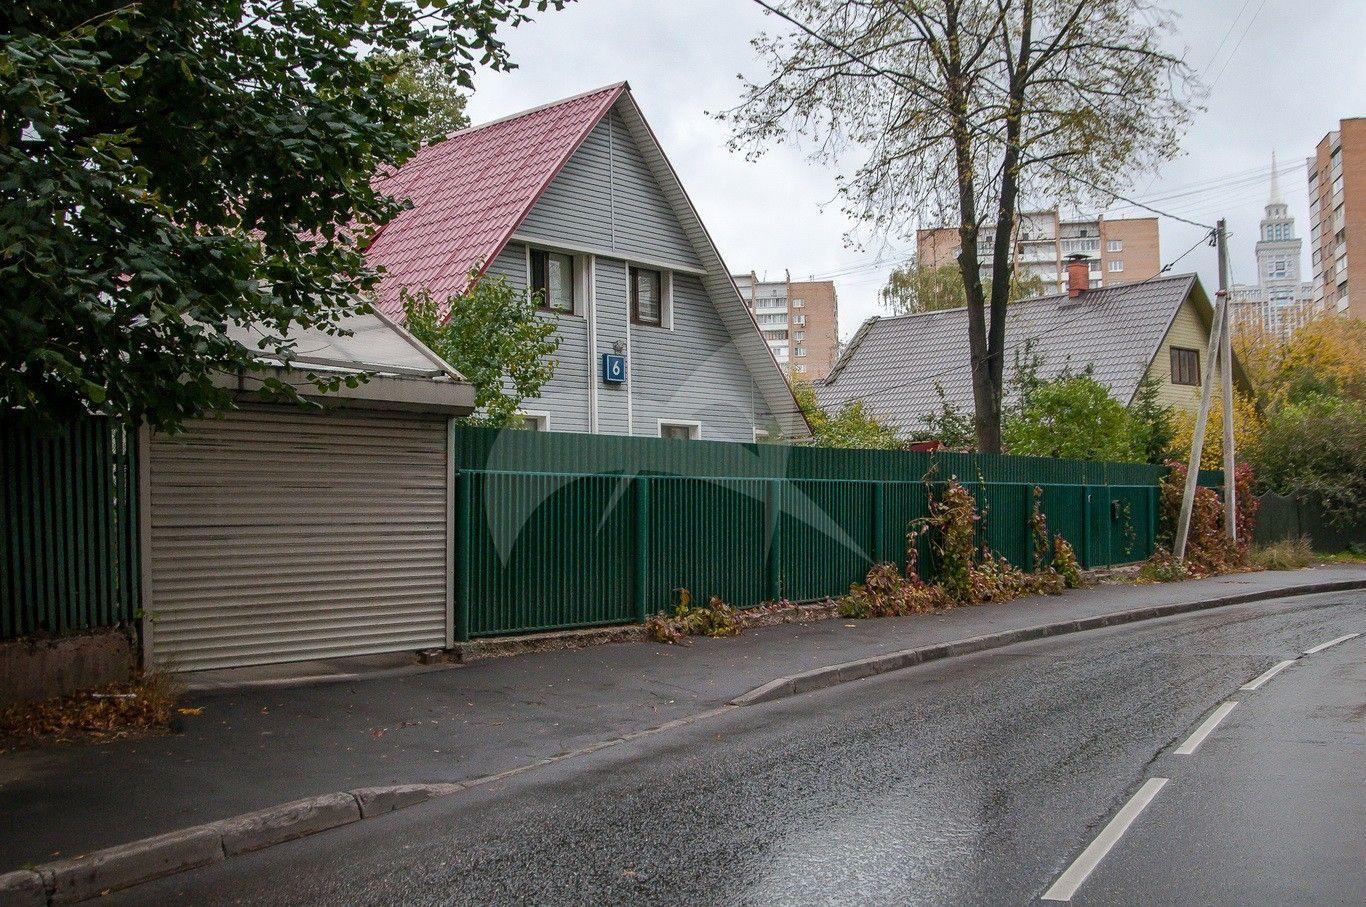 Жилой дом, арх. Н.В. Марковников